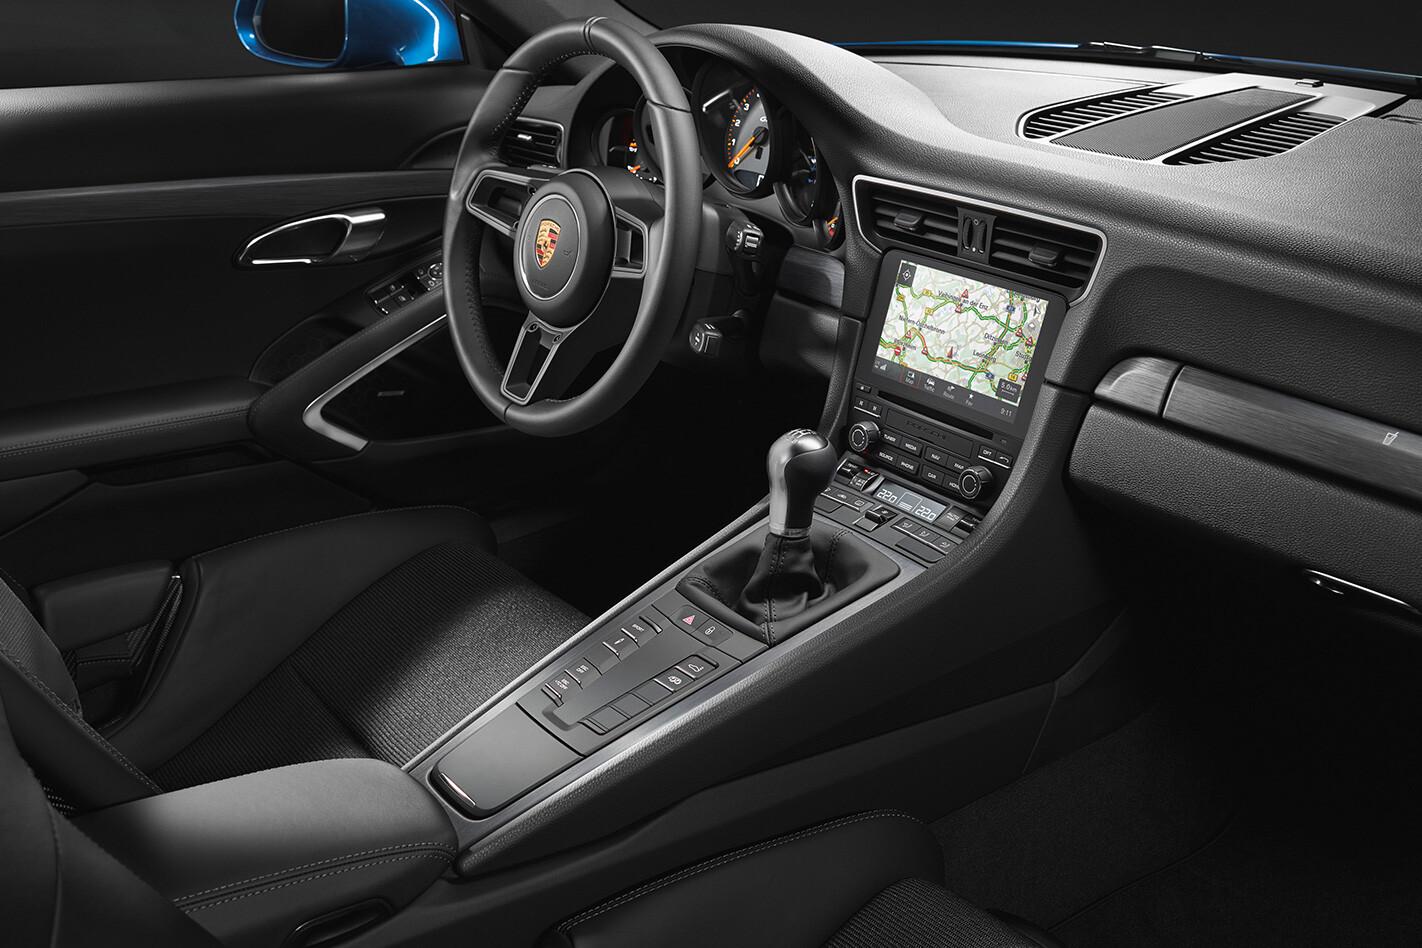 Porsche Gt 3 Touring Interior Jpg